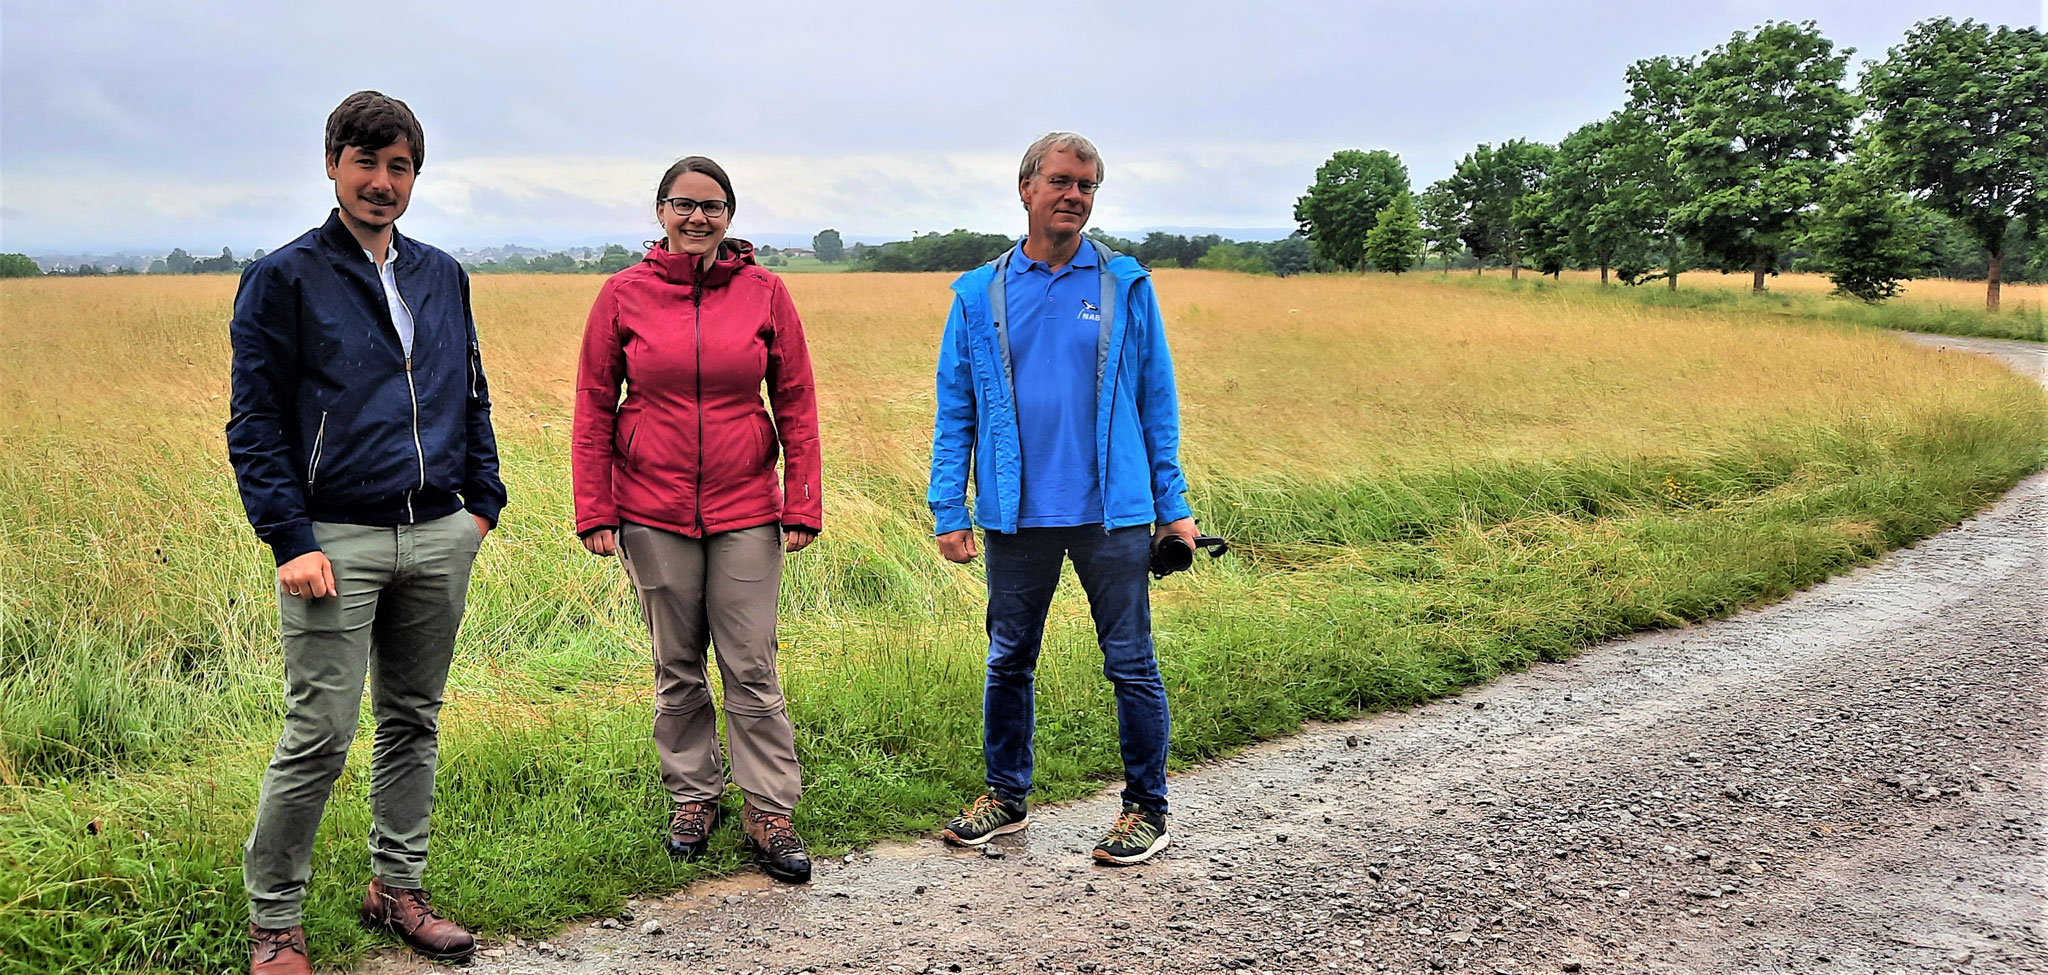 Ökopunktemaßnahme 'Ehemaliger Truppenübungsplatz Horb-Heiligenfeld'